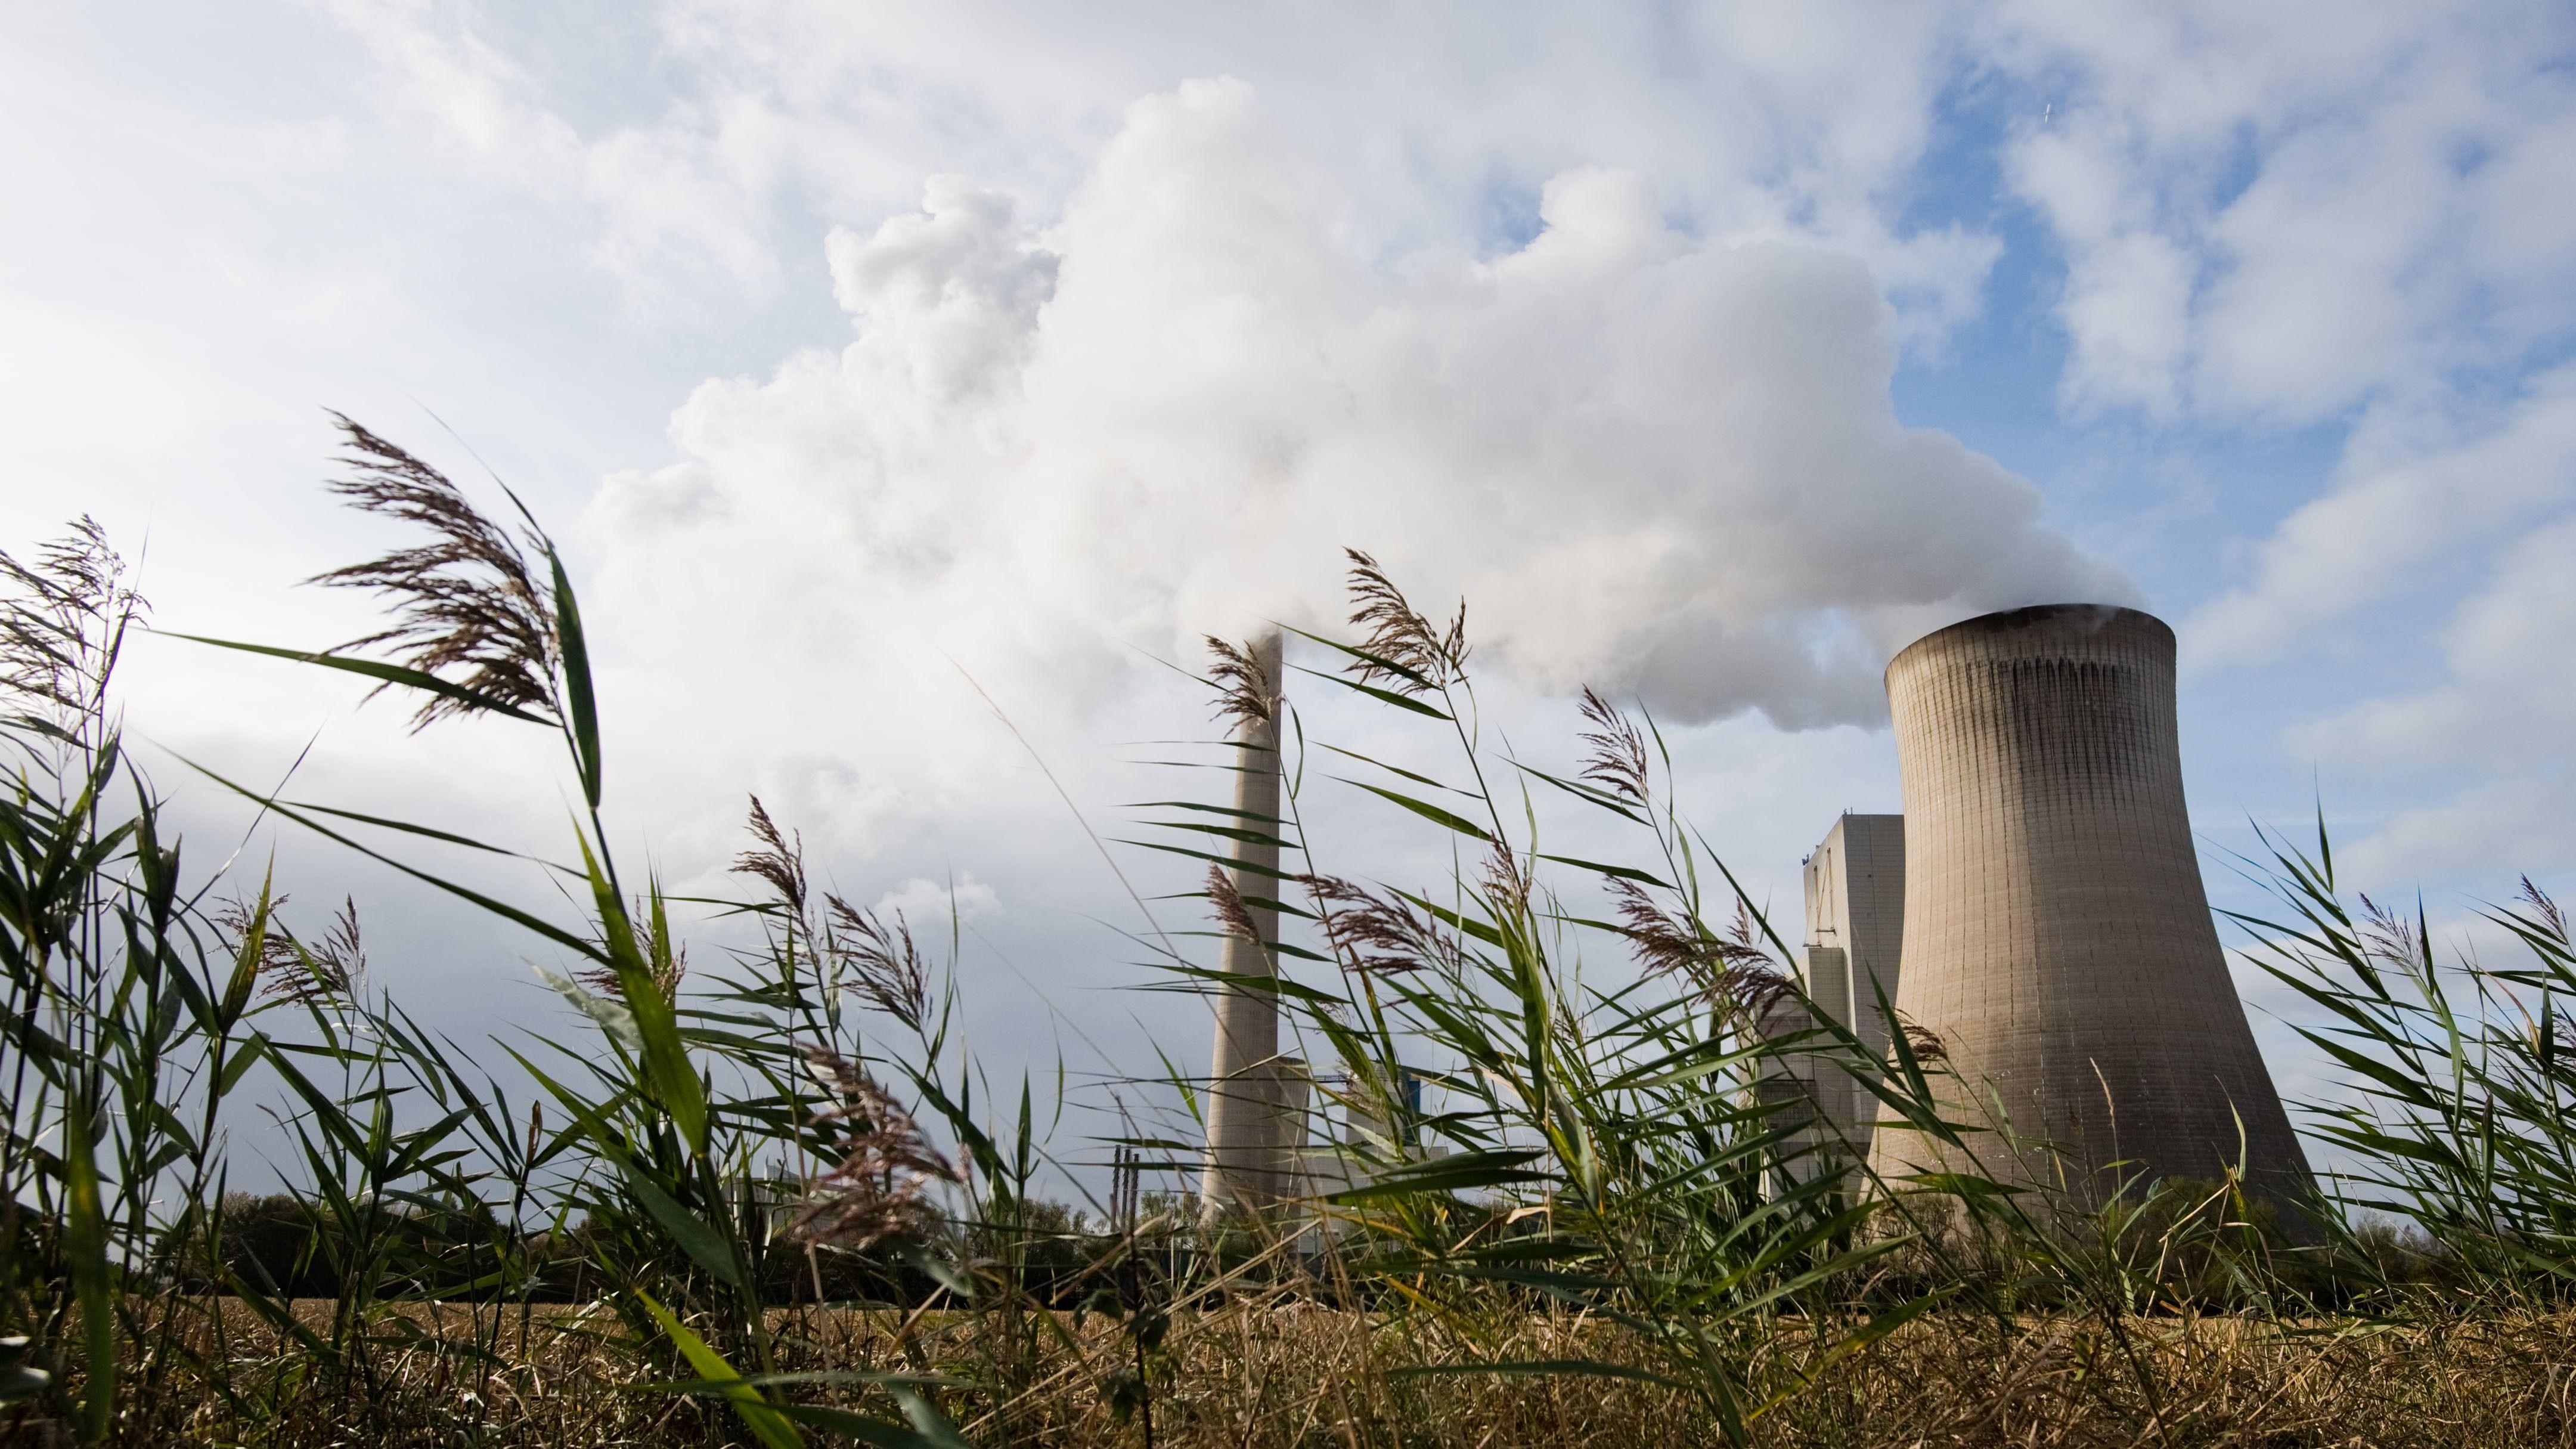 Niedersachsen, Hohenhameln: Dampf steigt vom Kohlekraftwerk Mehrum auf.